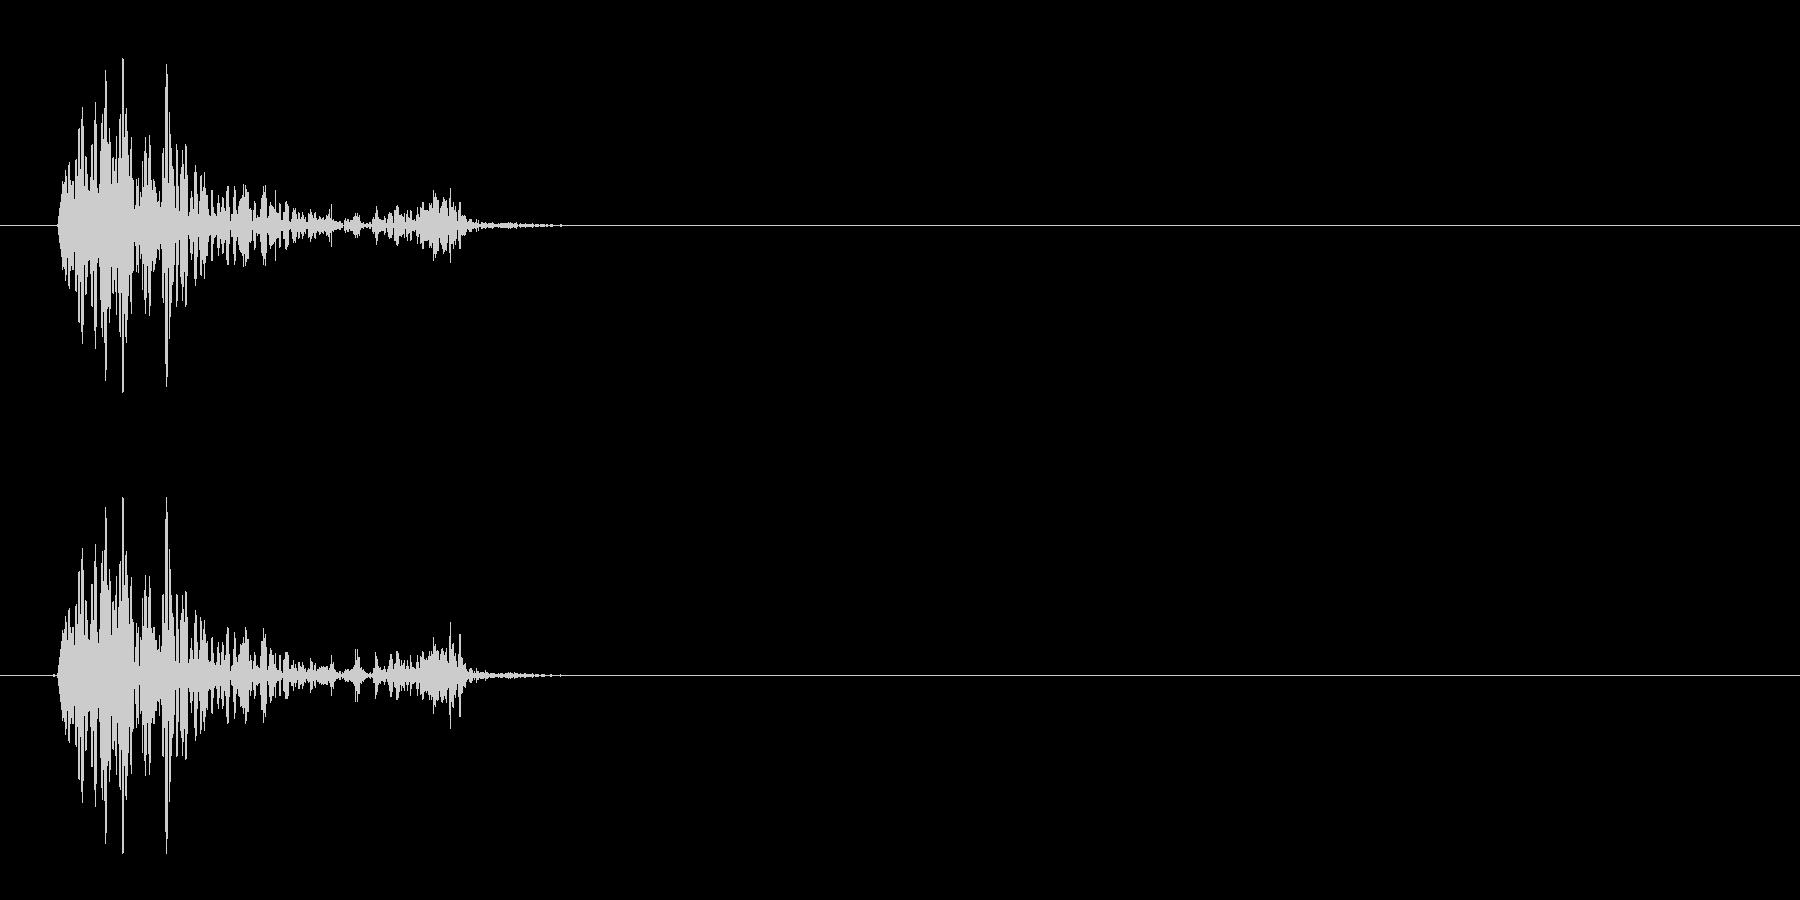 [生録音]ゴクリ、飲み込む音03(1回)の未再生の波形